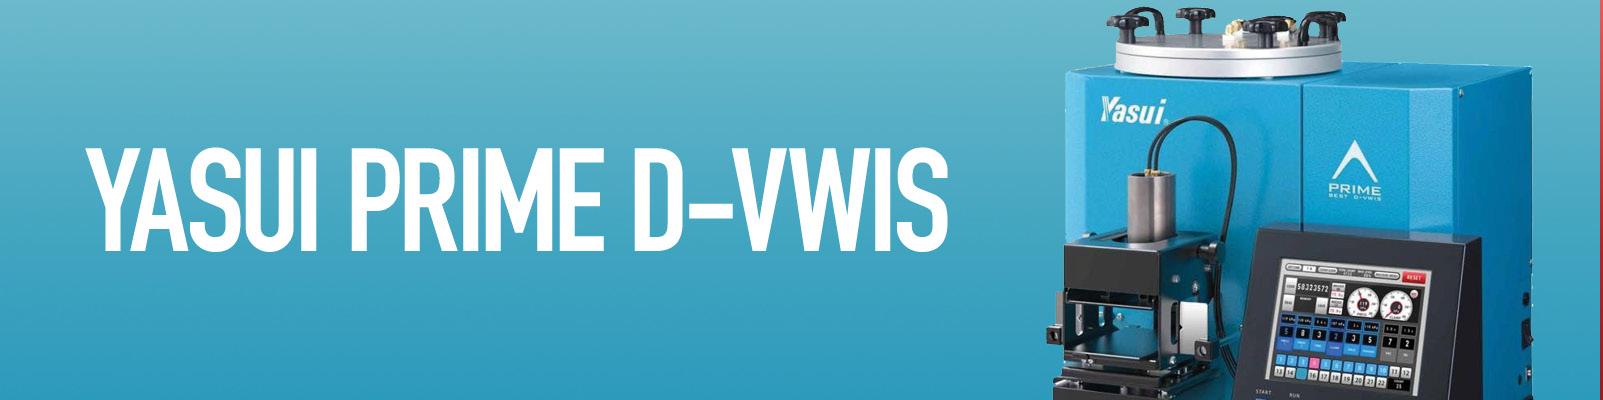 Yasui Prime D-VWIS System